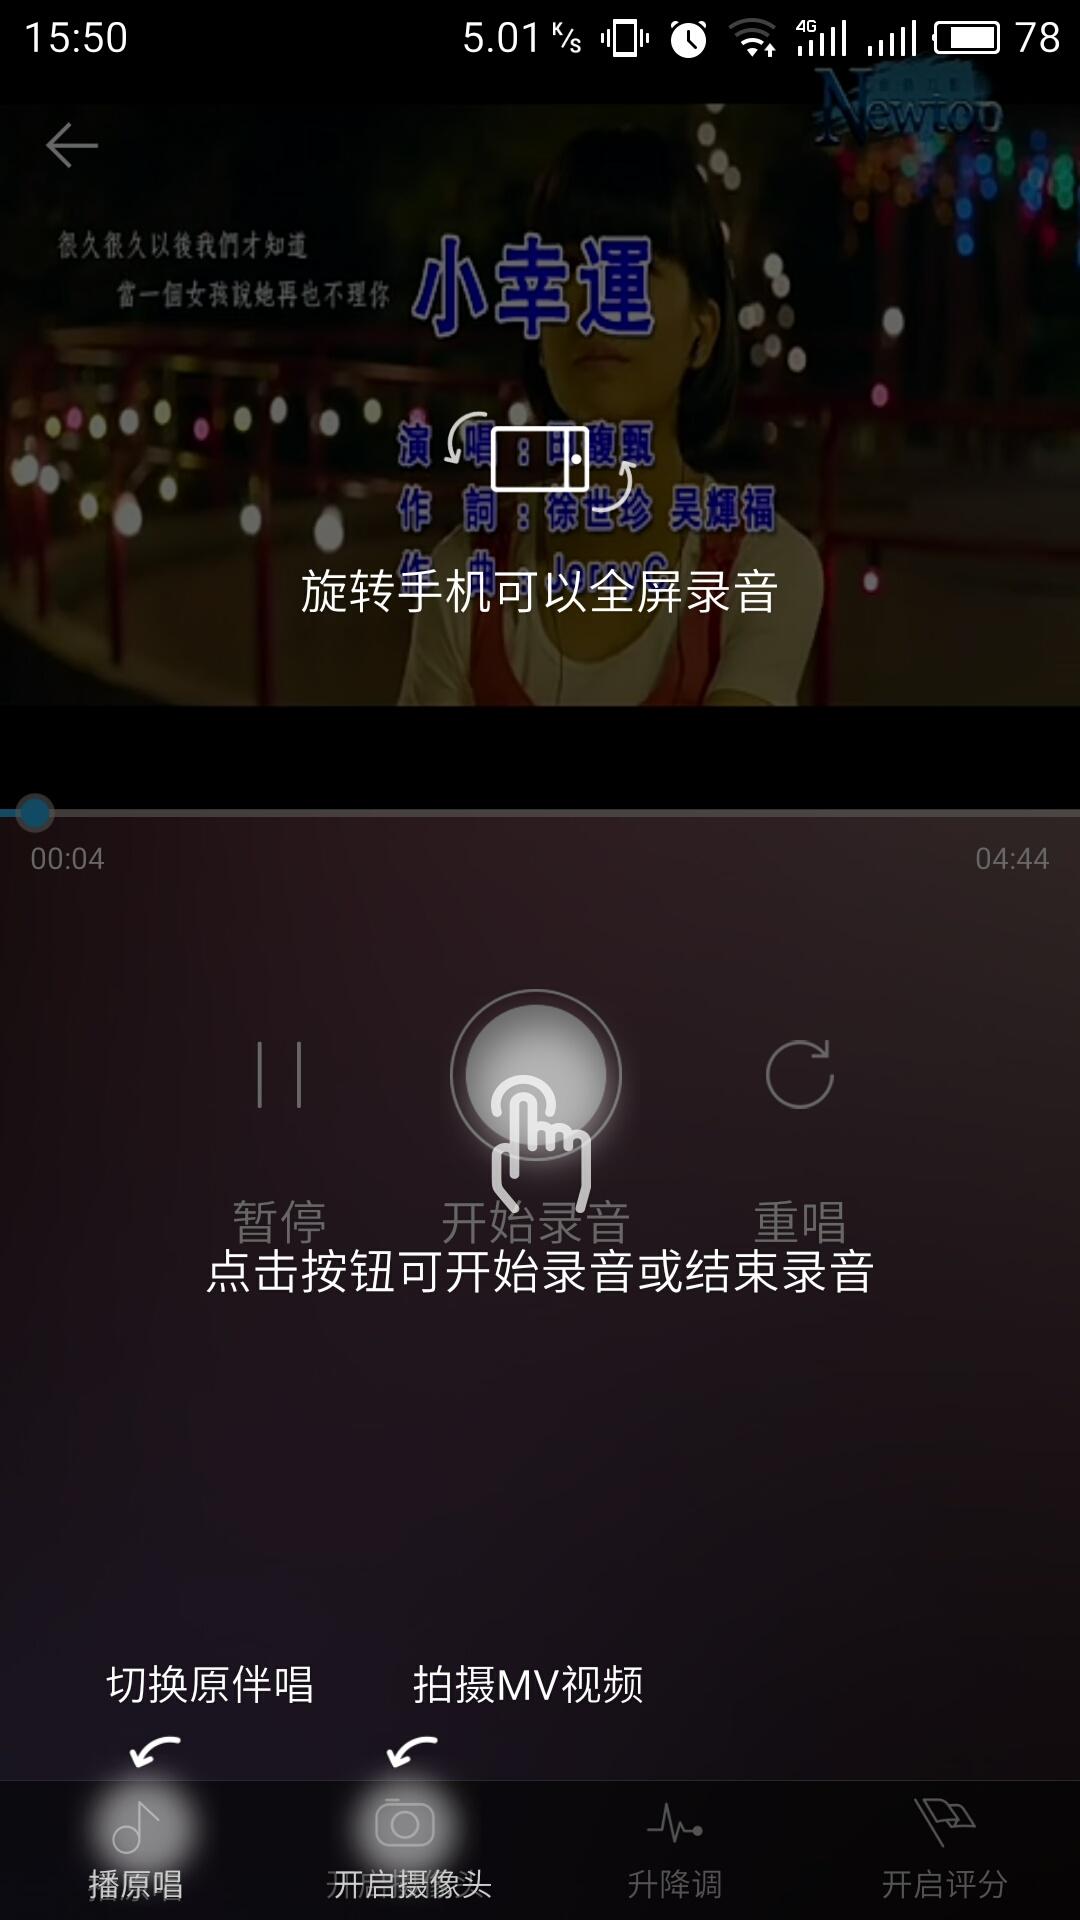 天籁K歌 4.9.9.7 官方最新版-第6张图片-cc下载站